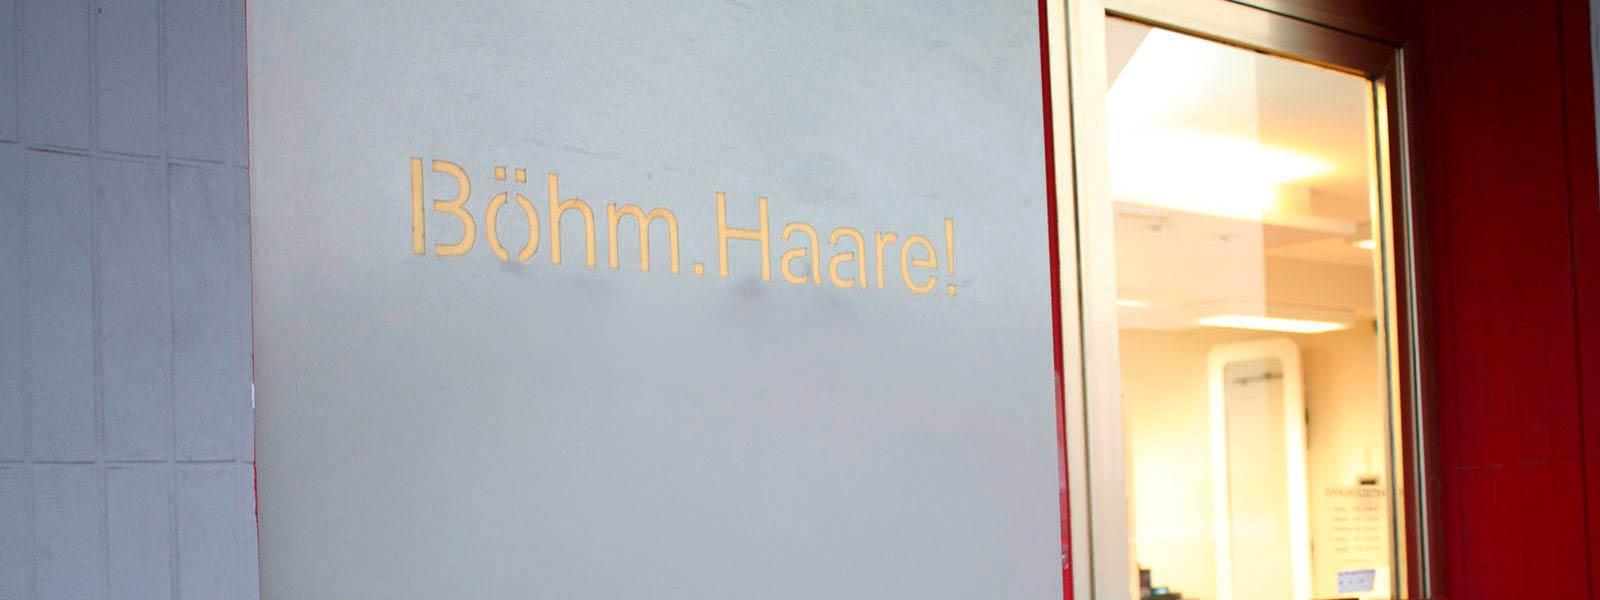 Boehm Haare Premiumcoiffure Friseur Neuwied Eingang 1